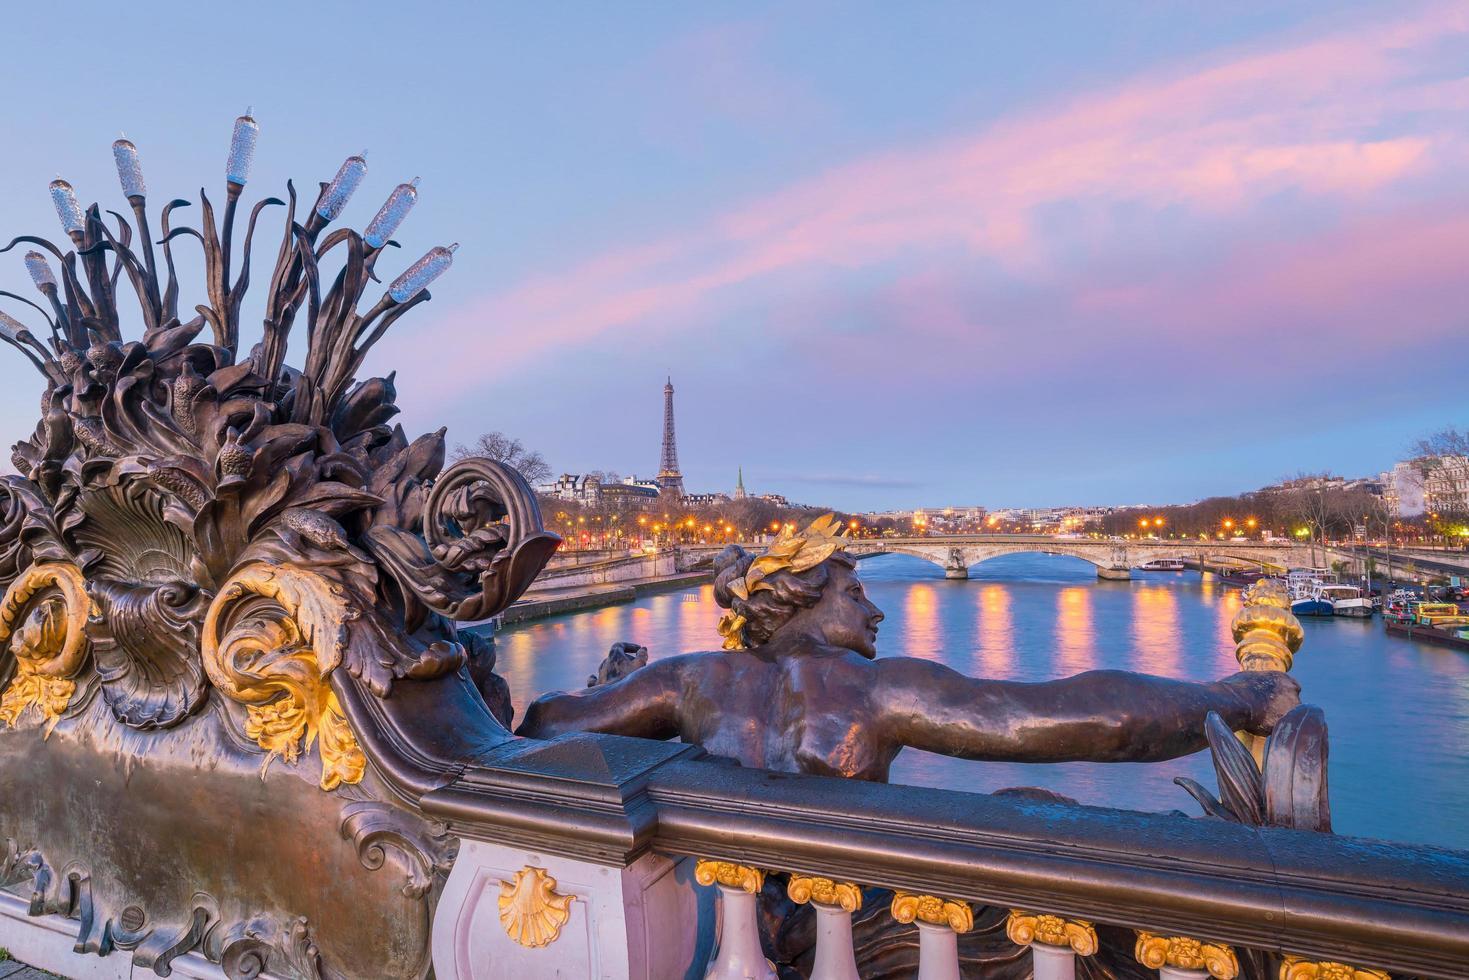 de alexander iii-brug over de rivier de seine in parijs, frankrijk foto